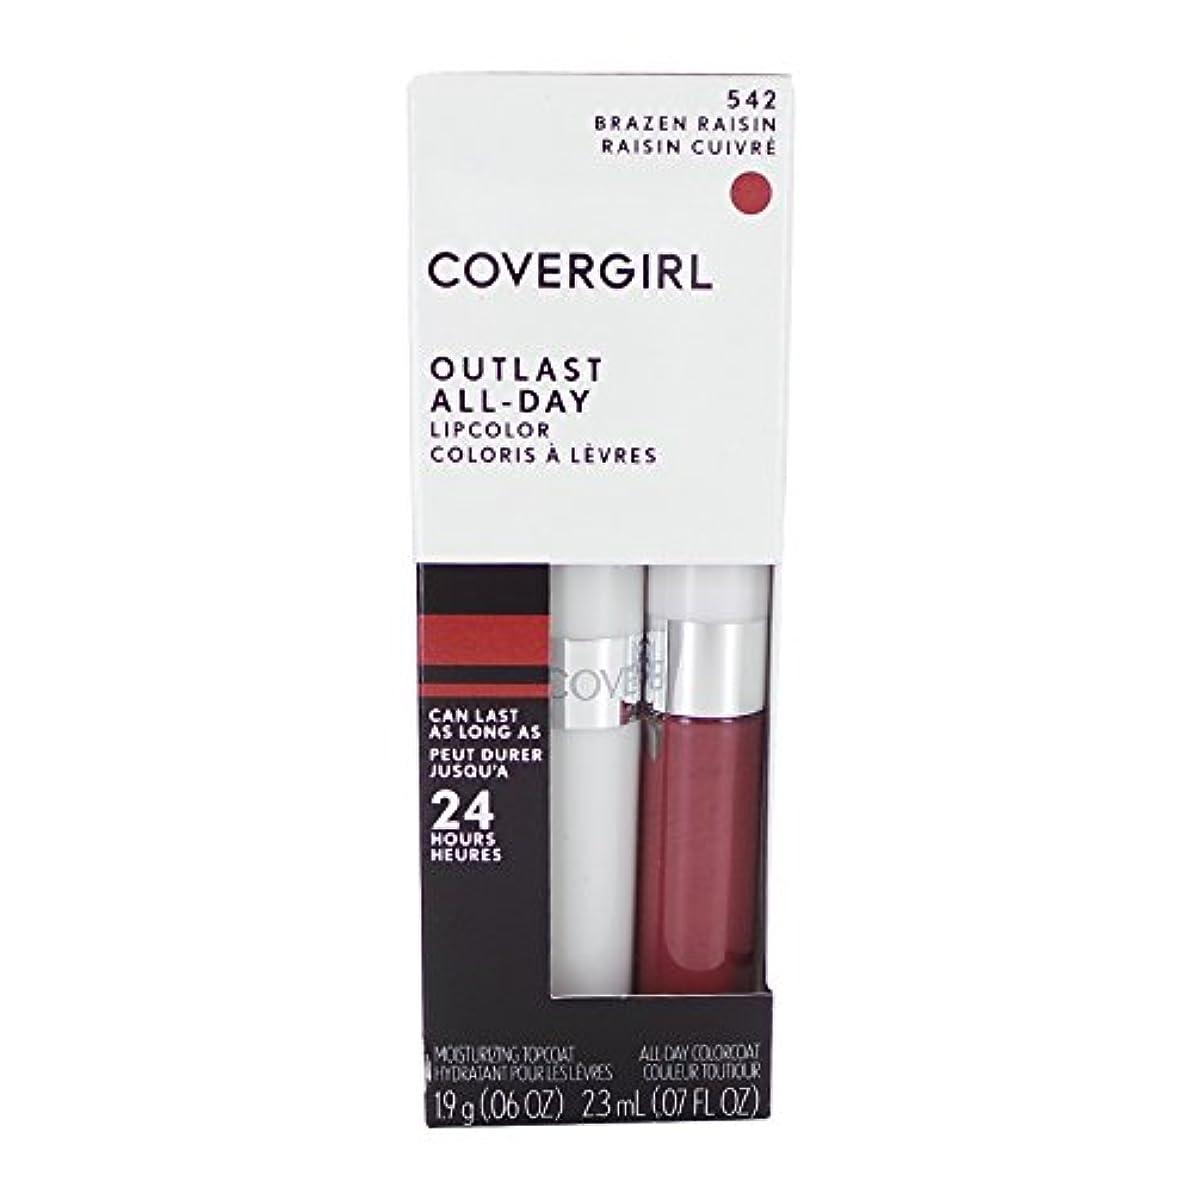 不快溝敬な(3 Pack) COVERGIRL Outlast All-Day Lip Color - Brazen Raisin 542 (並行輸入品)